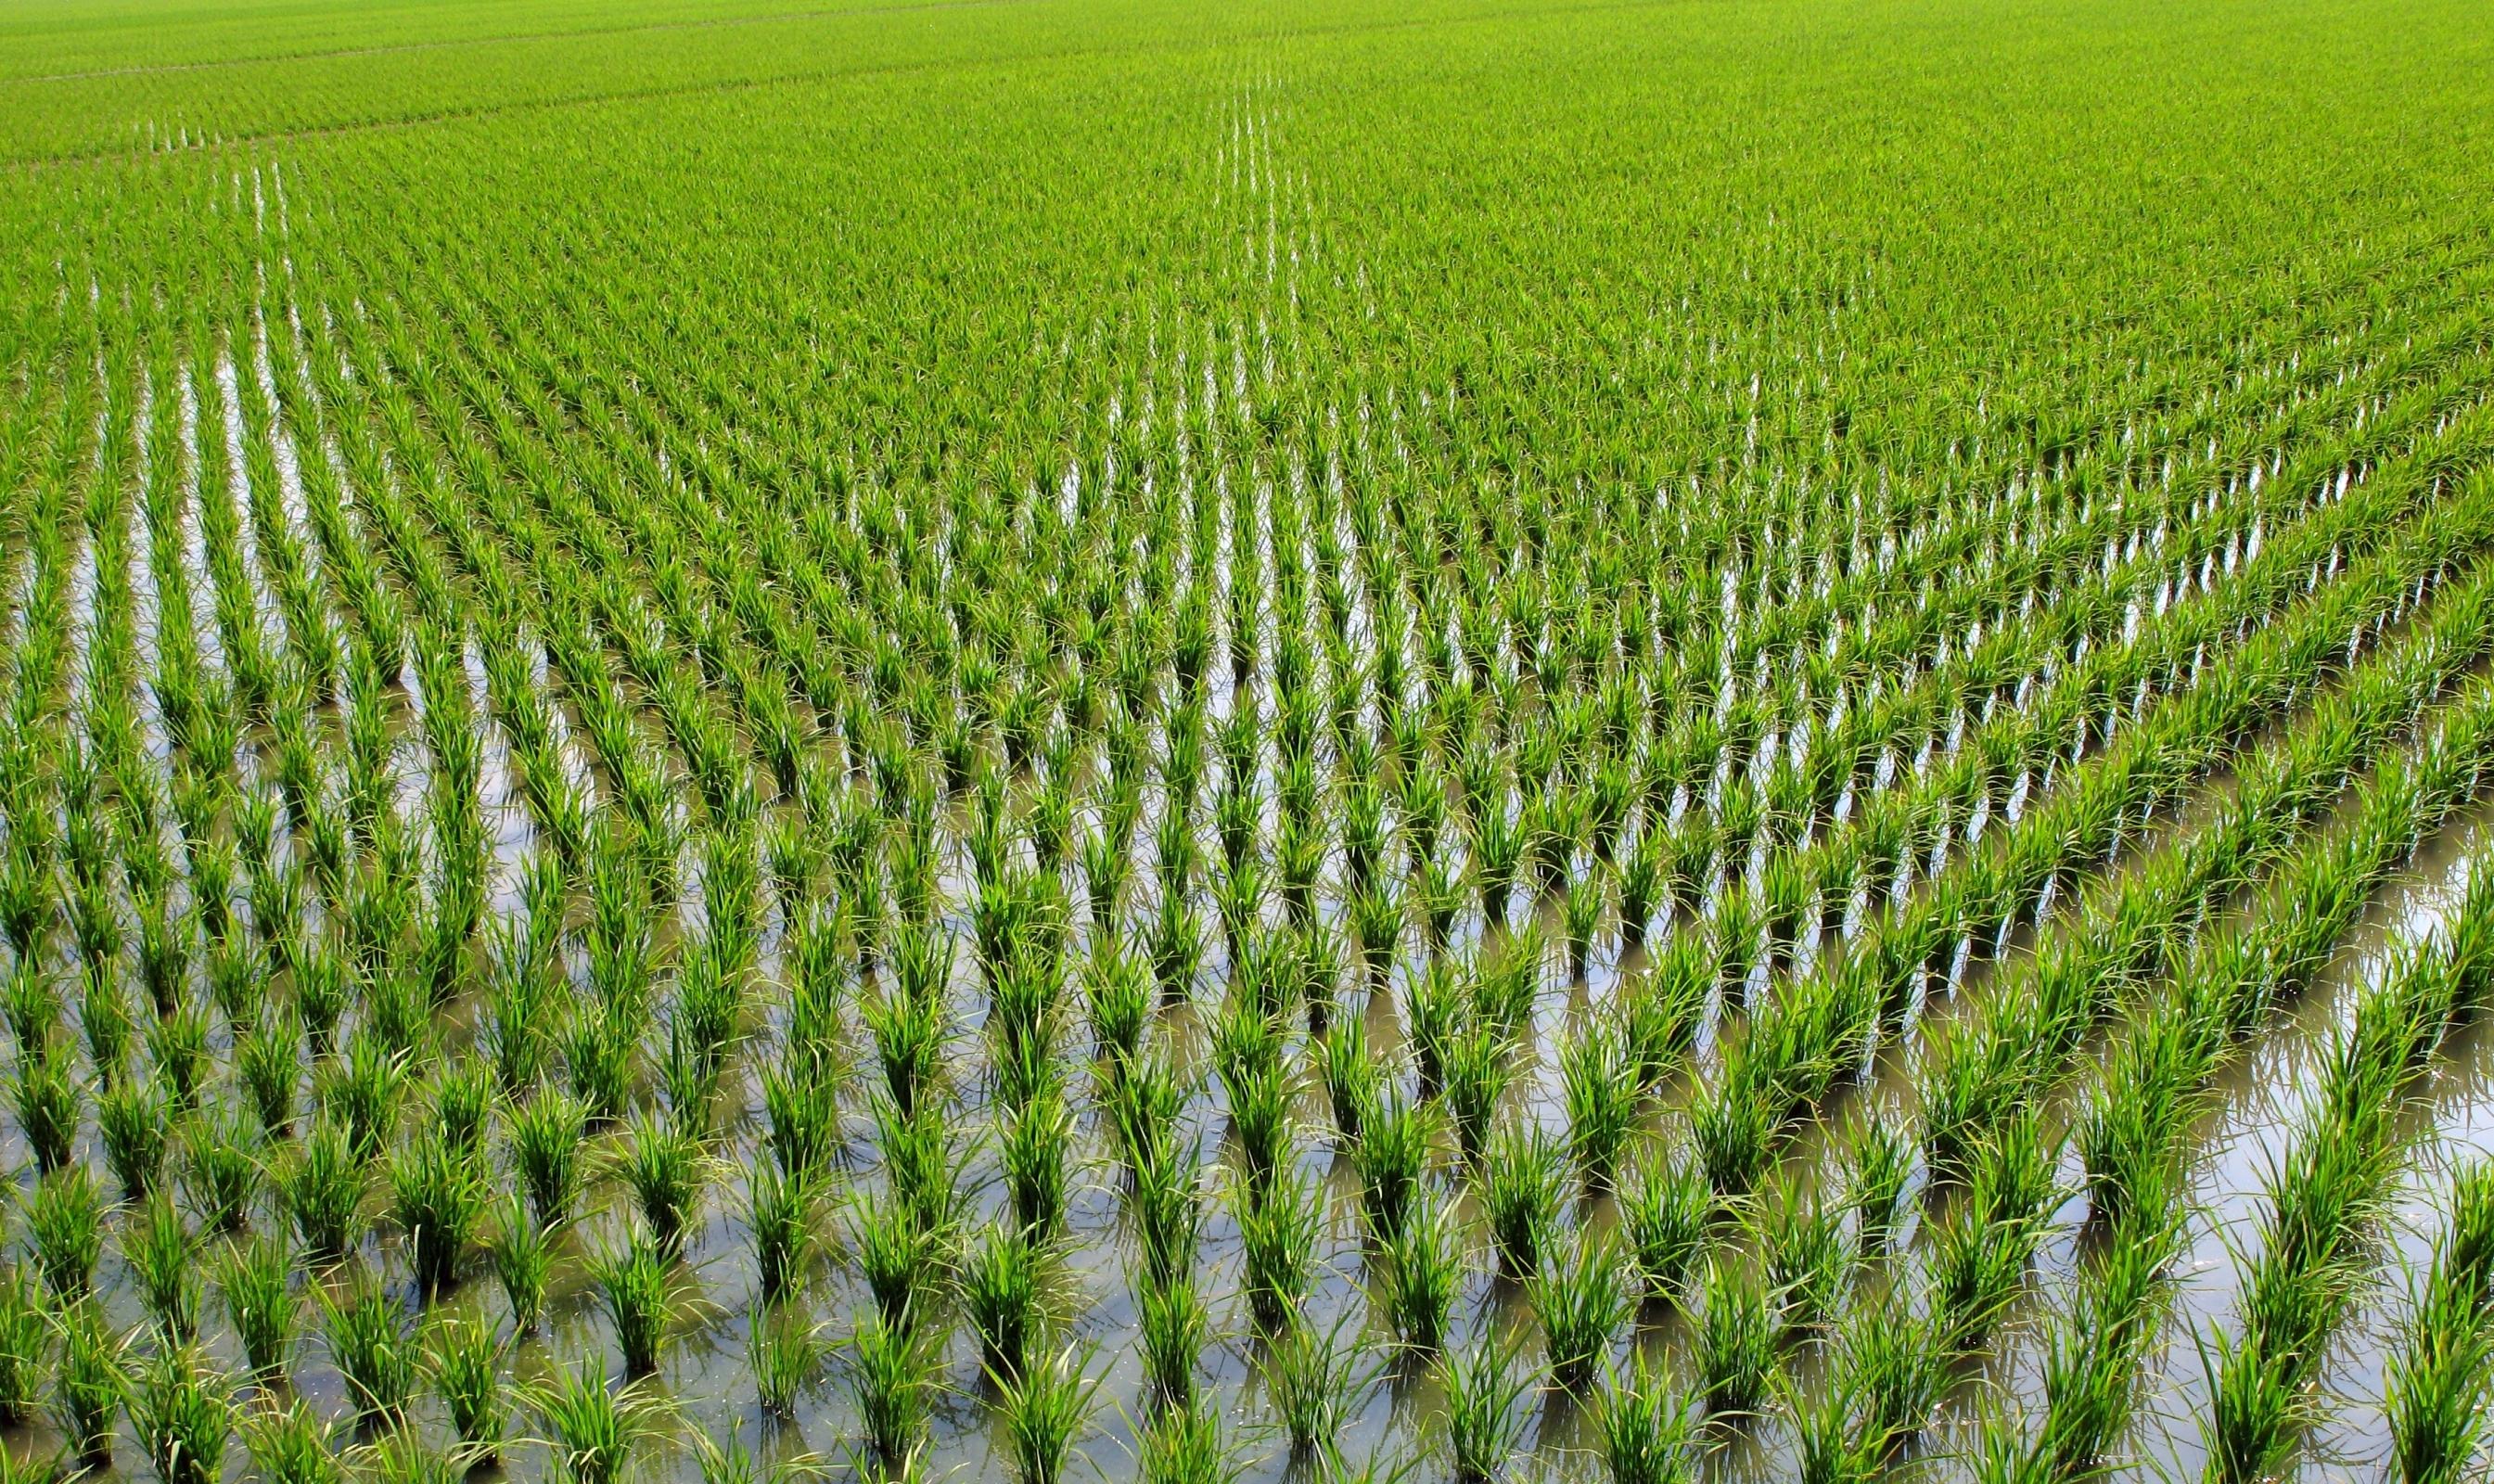 paddy field के लिए चित्र परिणाम